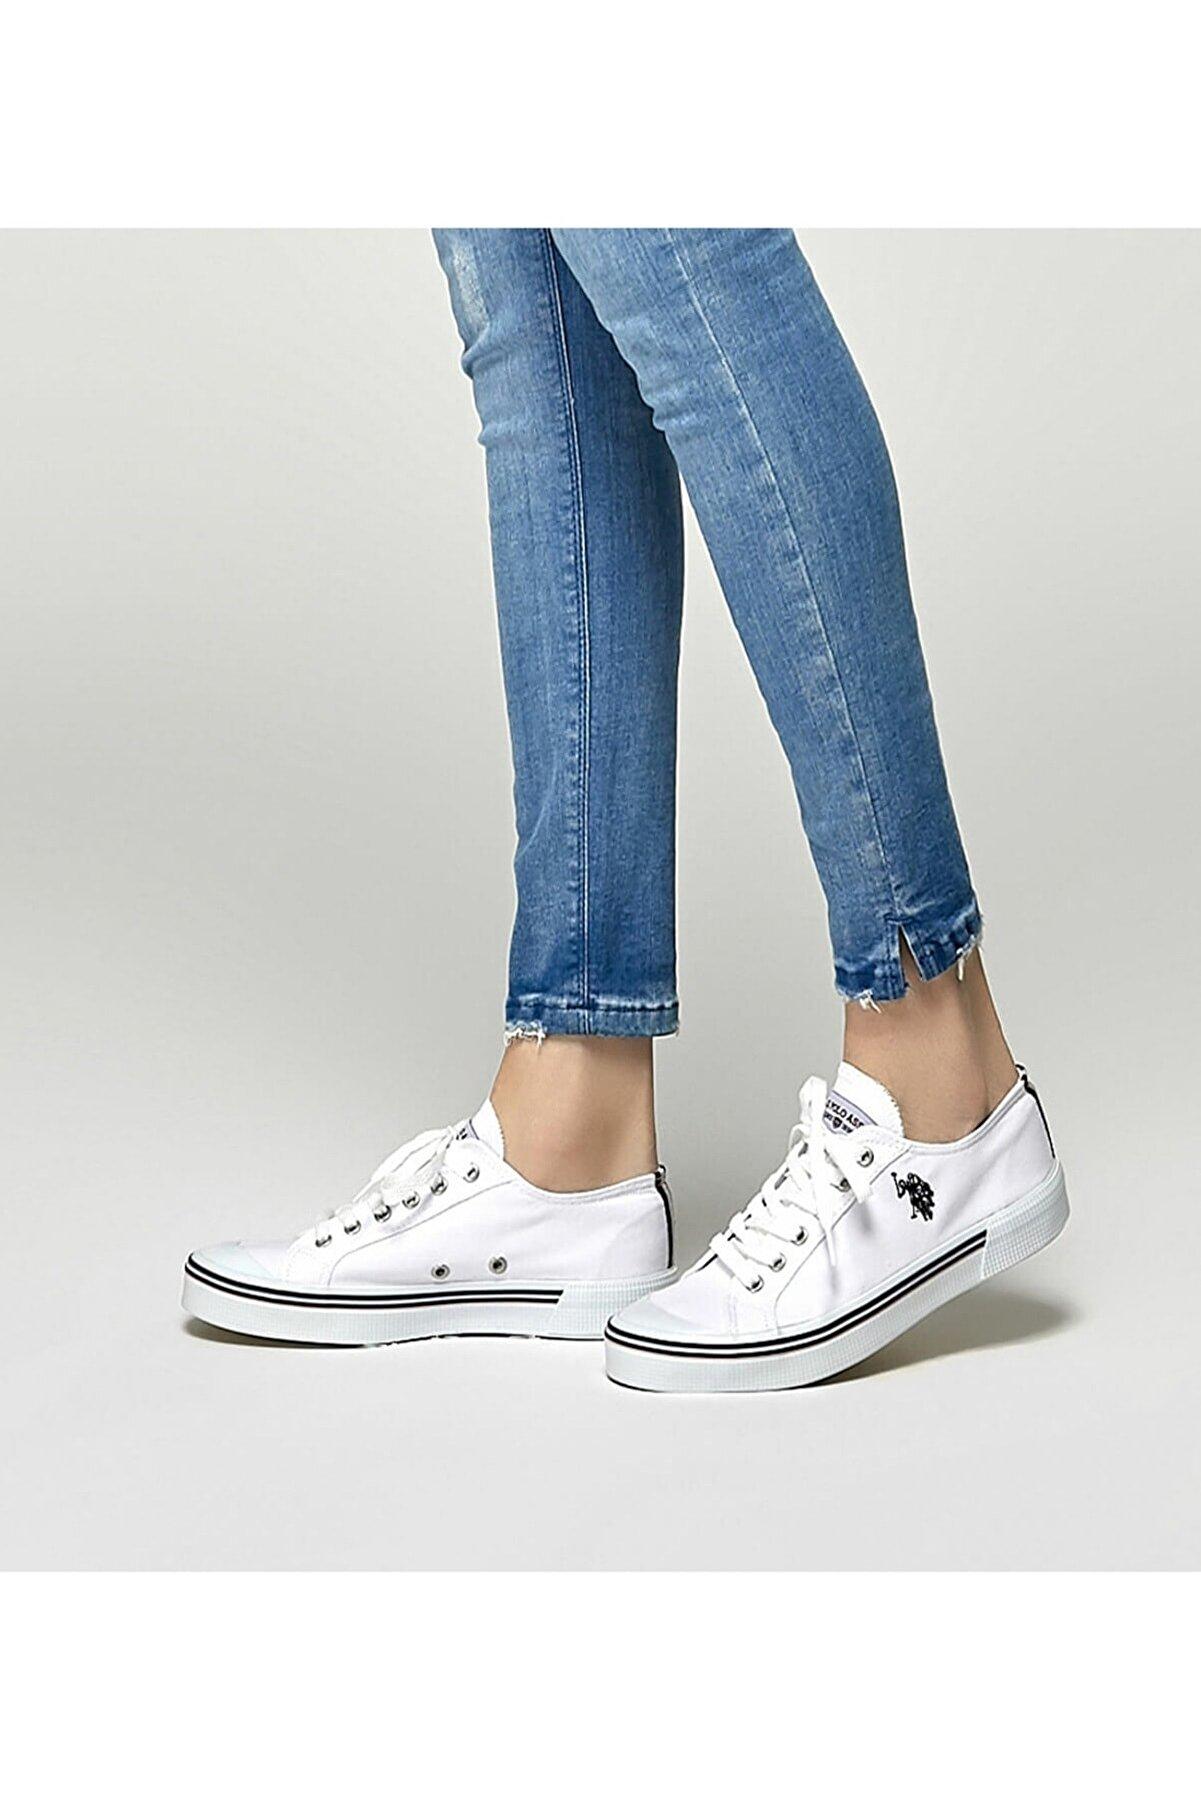 US Polo Assn PENELOPE Beyaz Kadın Sneaker 100249227